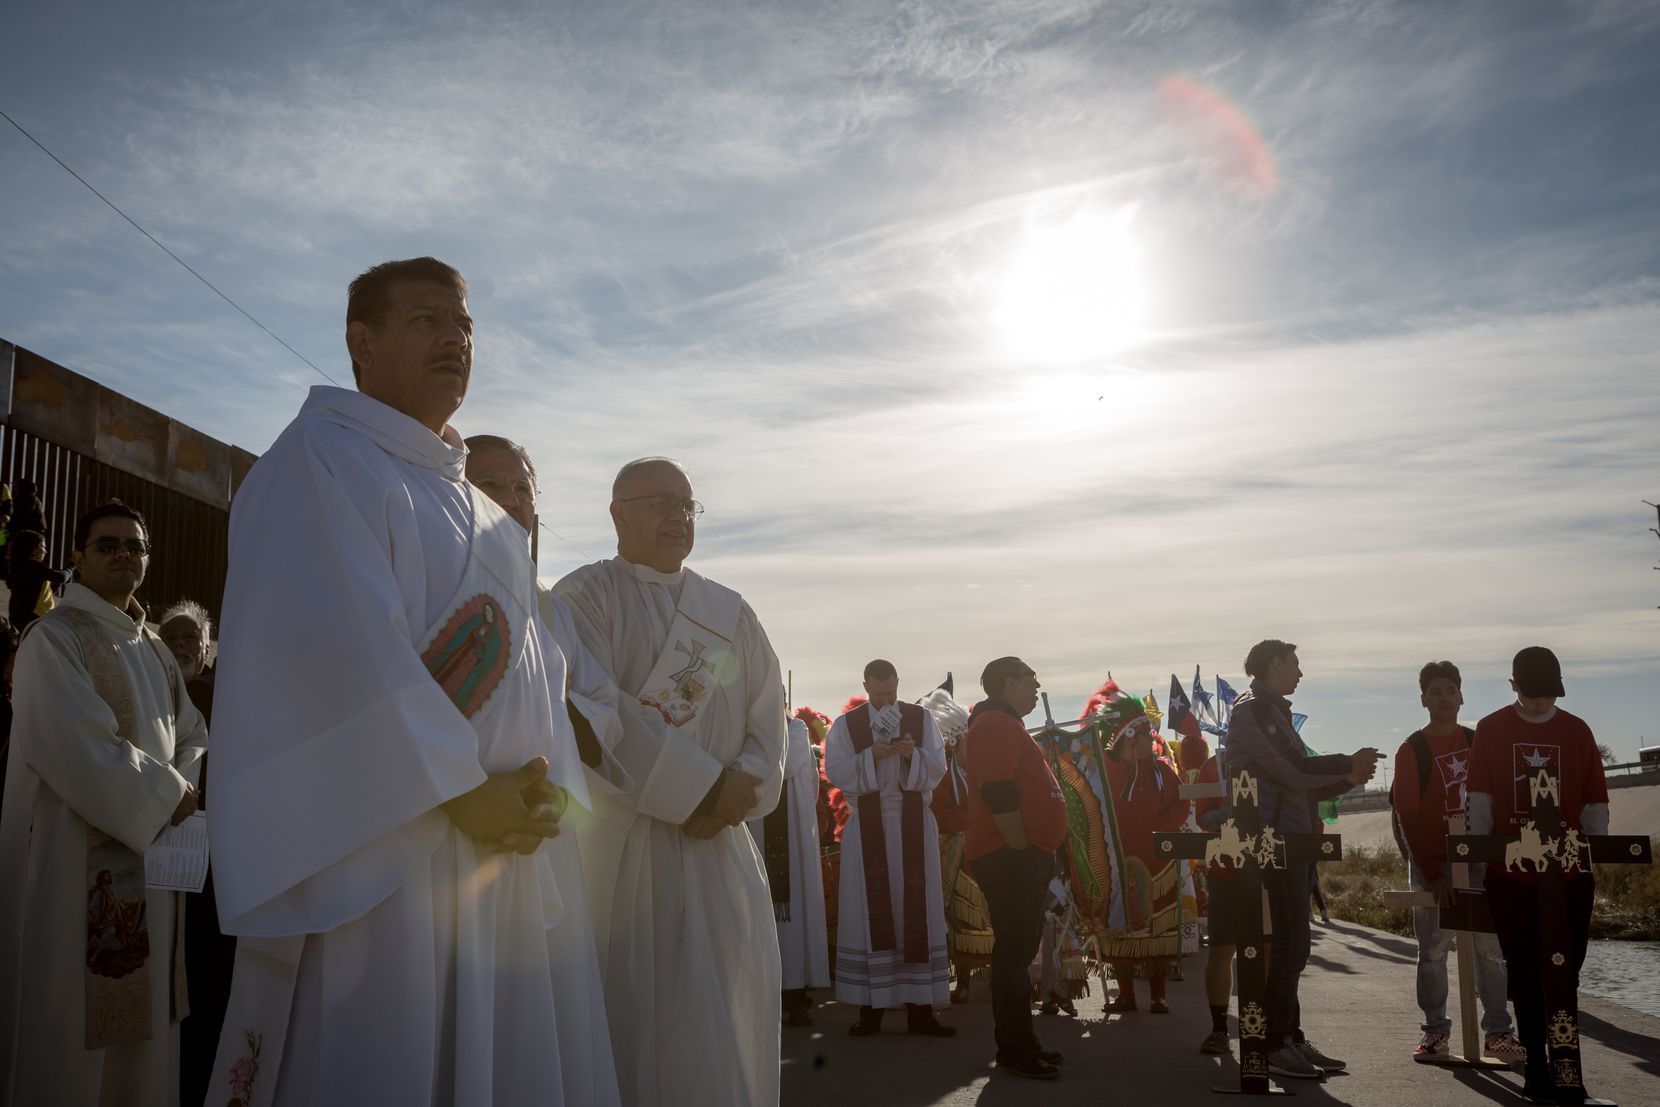 The procession for the Dia de los Muertos Mass on the Rio Grande in El Paso on Saturday, Nov. 2, 2019.